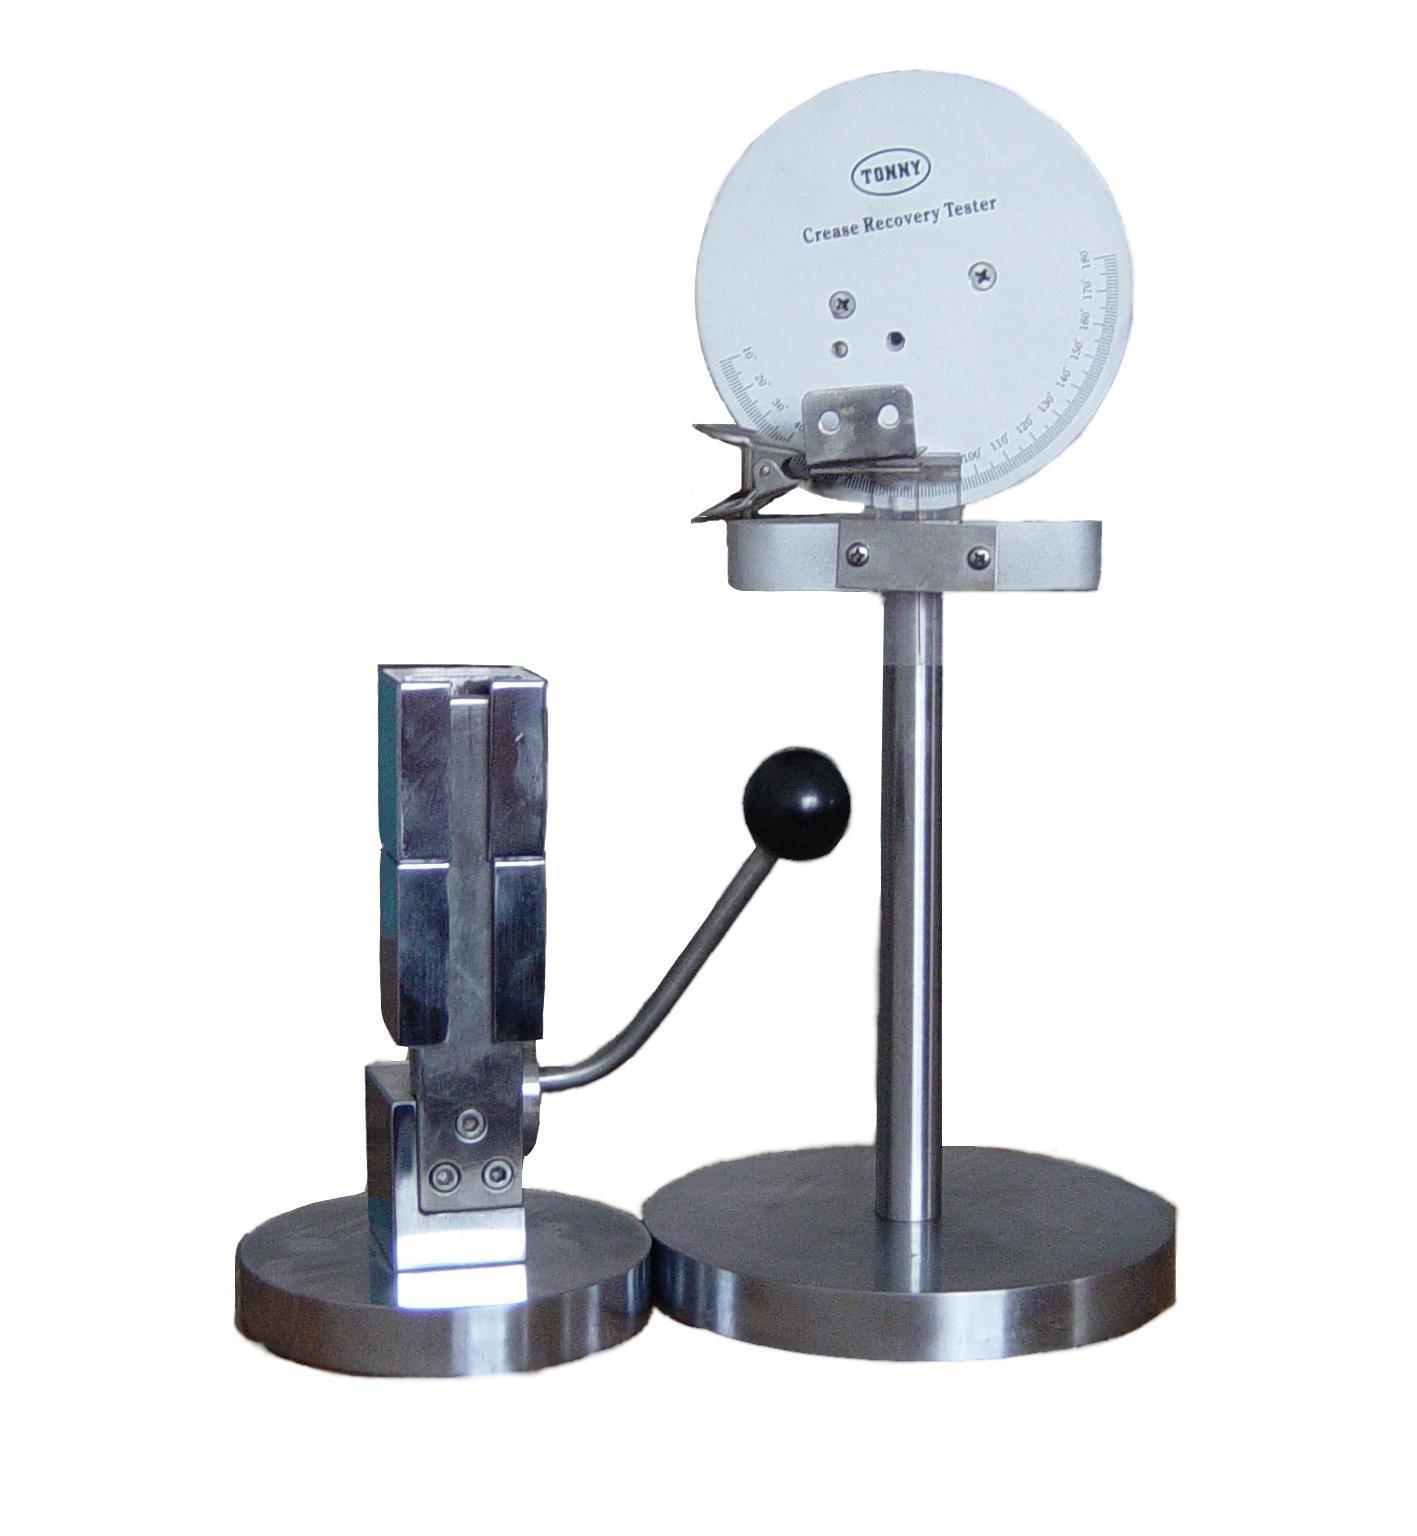 褶皱回复性测试仪,折痕恢复性测试仪,回复角 AATCC 66,GB/T 3819 1